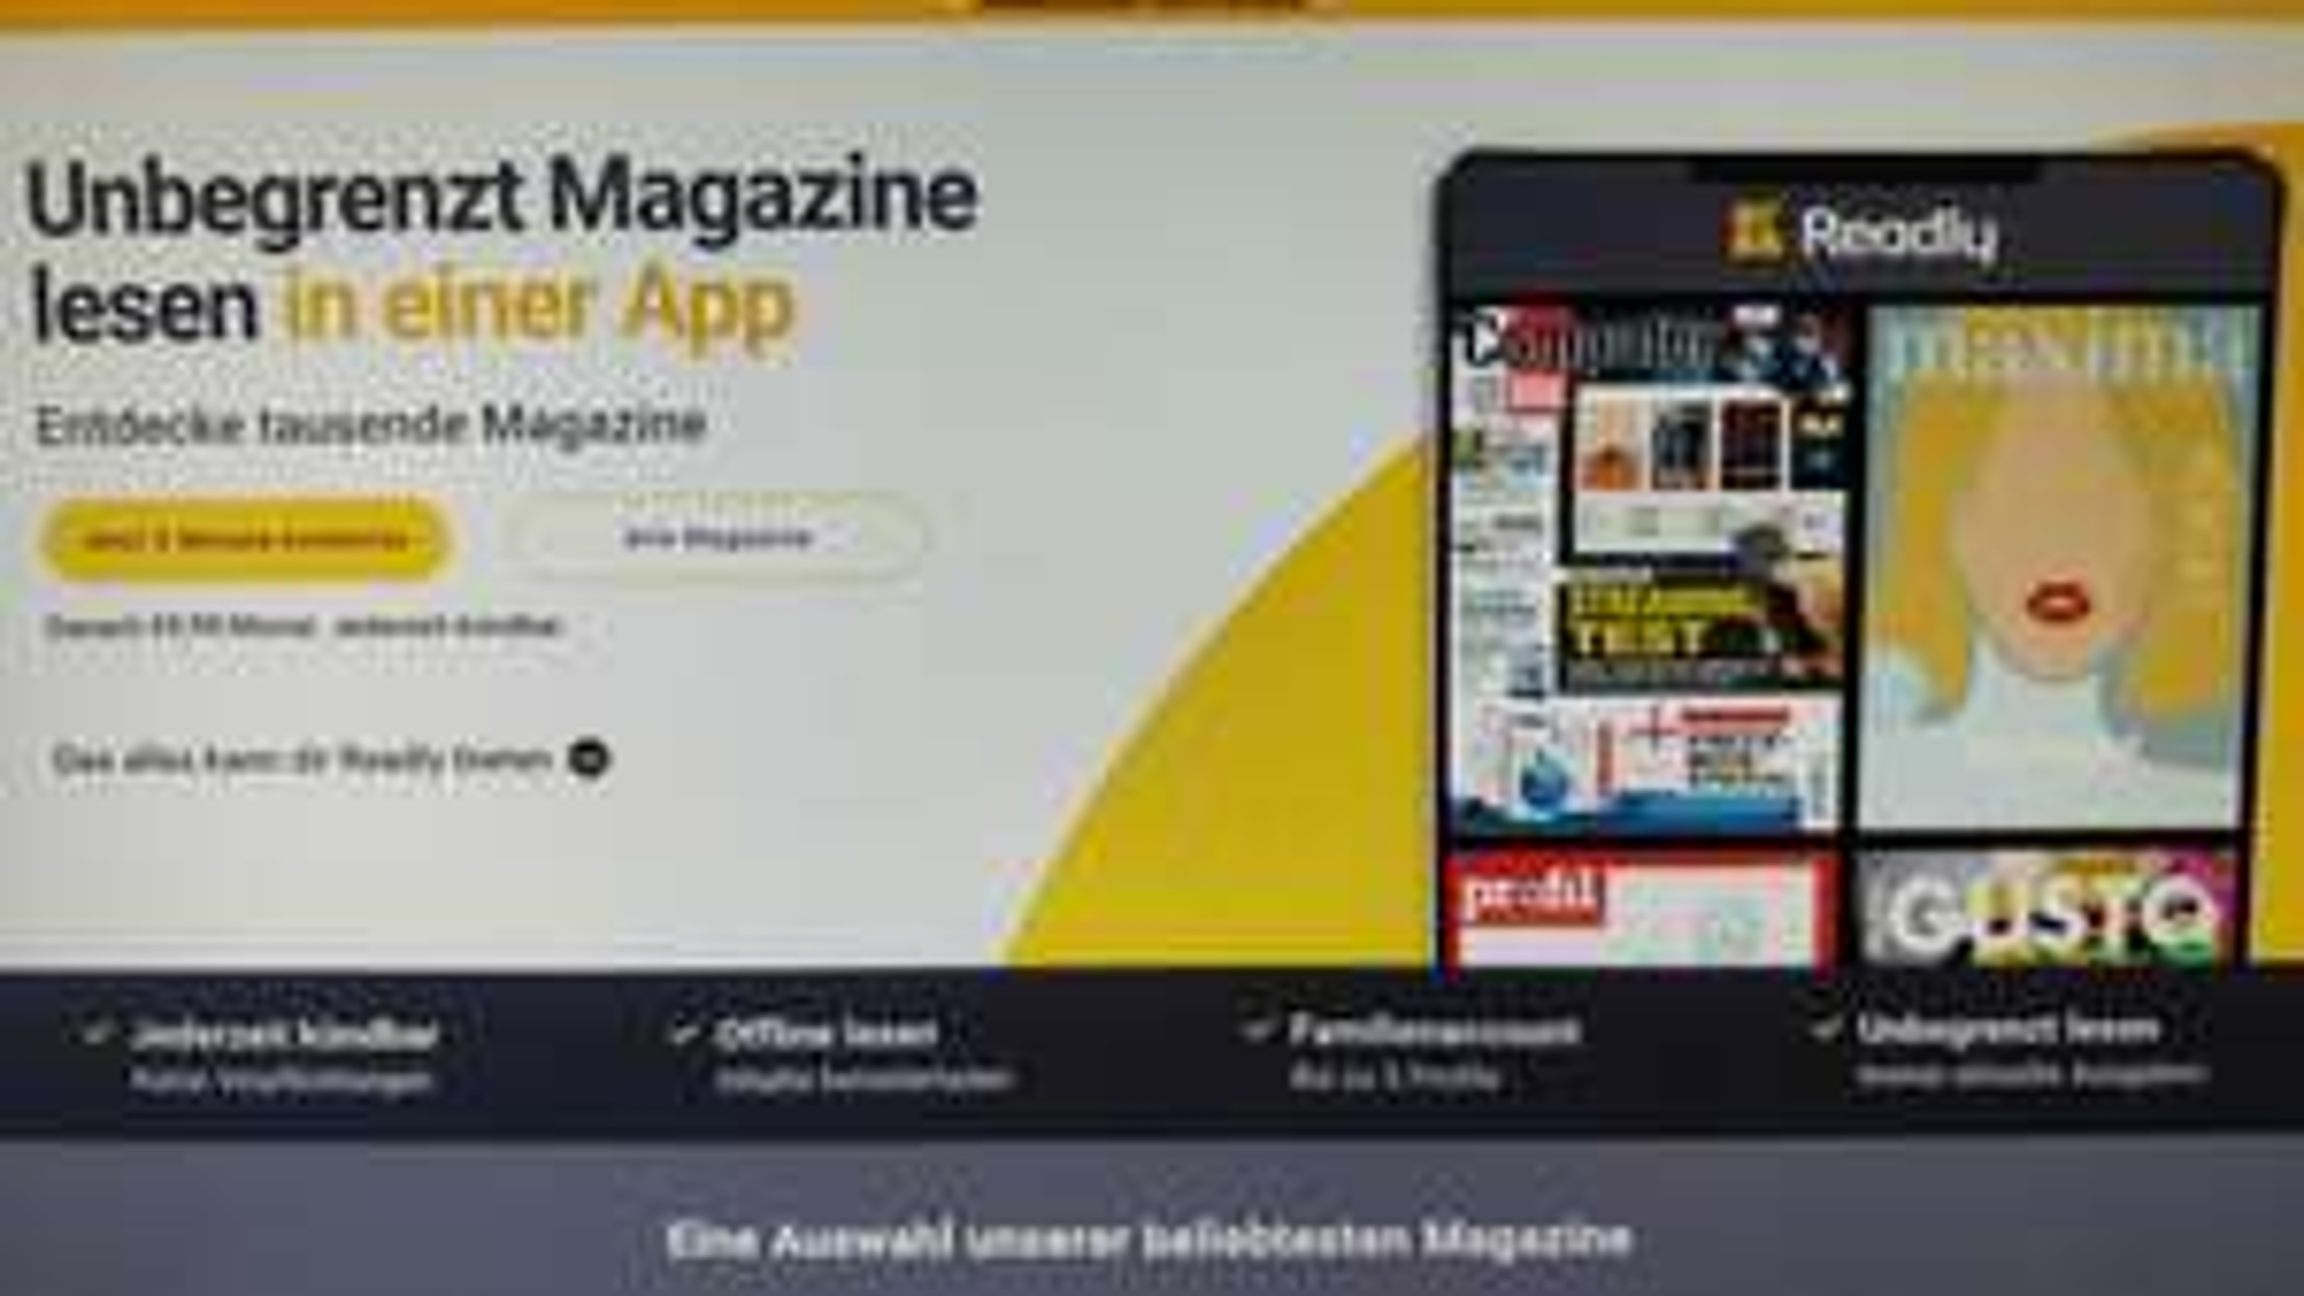 Readly 2 Monate Gratis, danach um 1€ günstiger für Magenta Mobile Kunden!